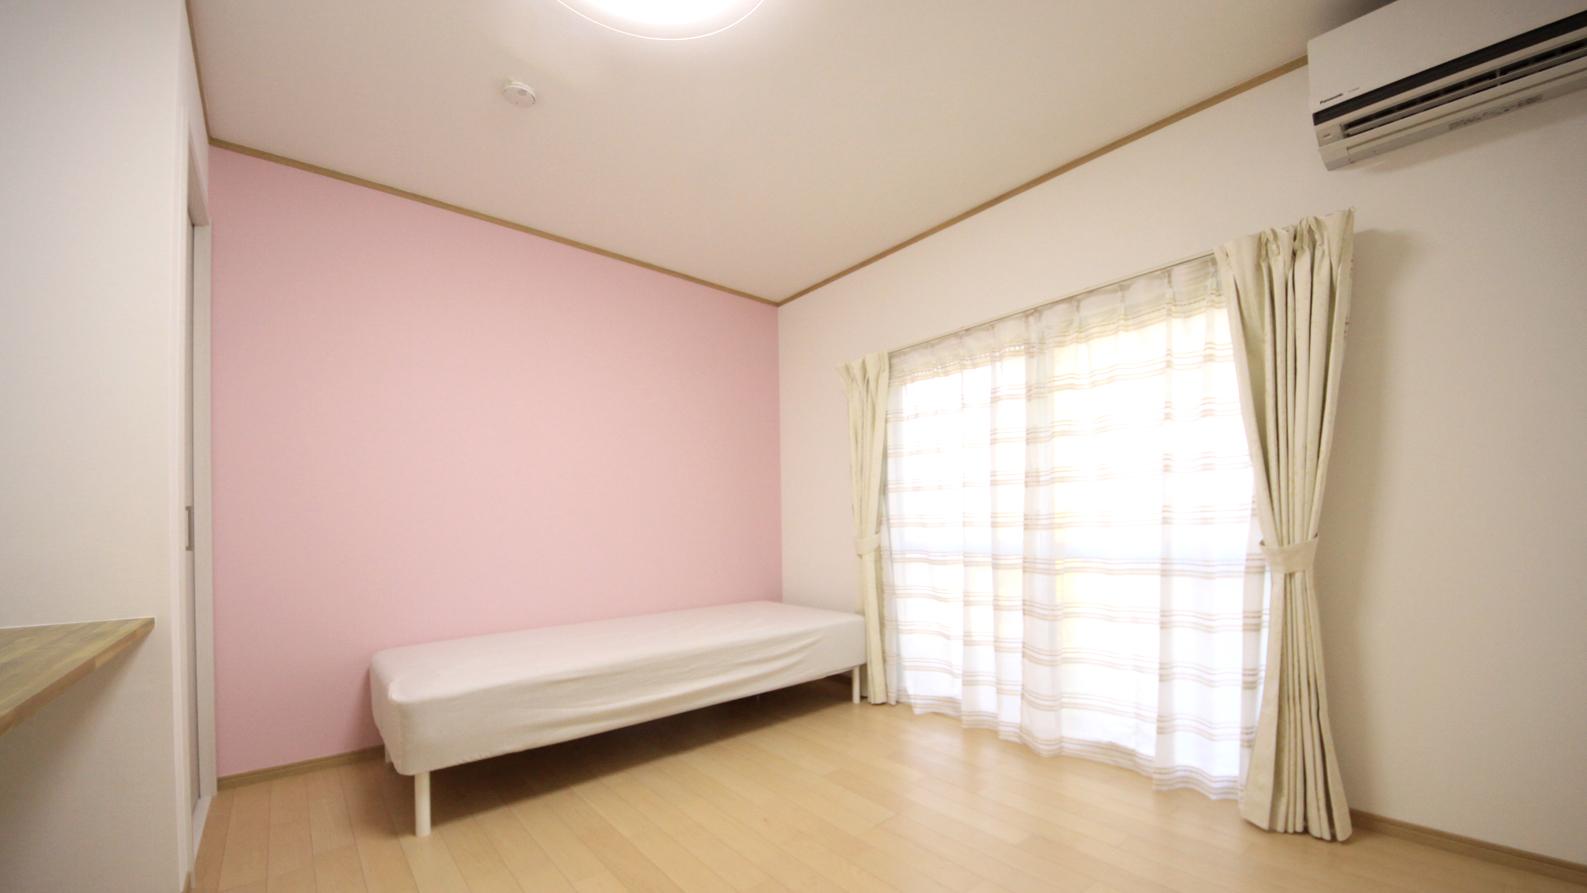 一戸建てシェアハウスのピンク壁紙の明るい居室